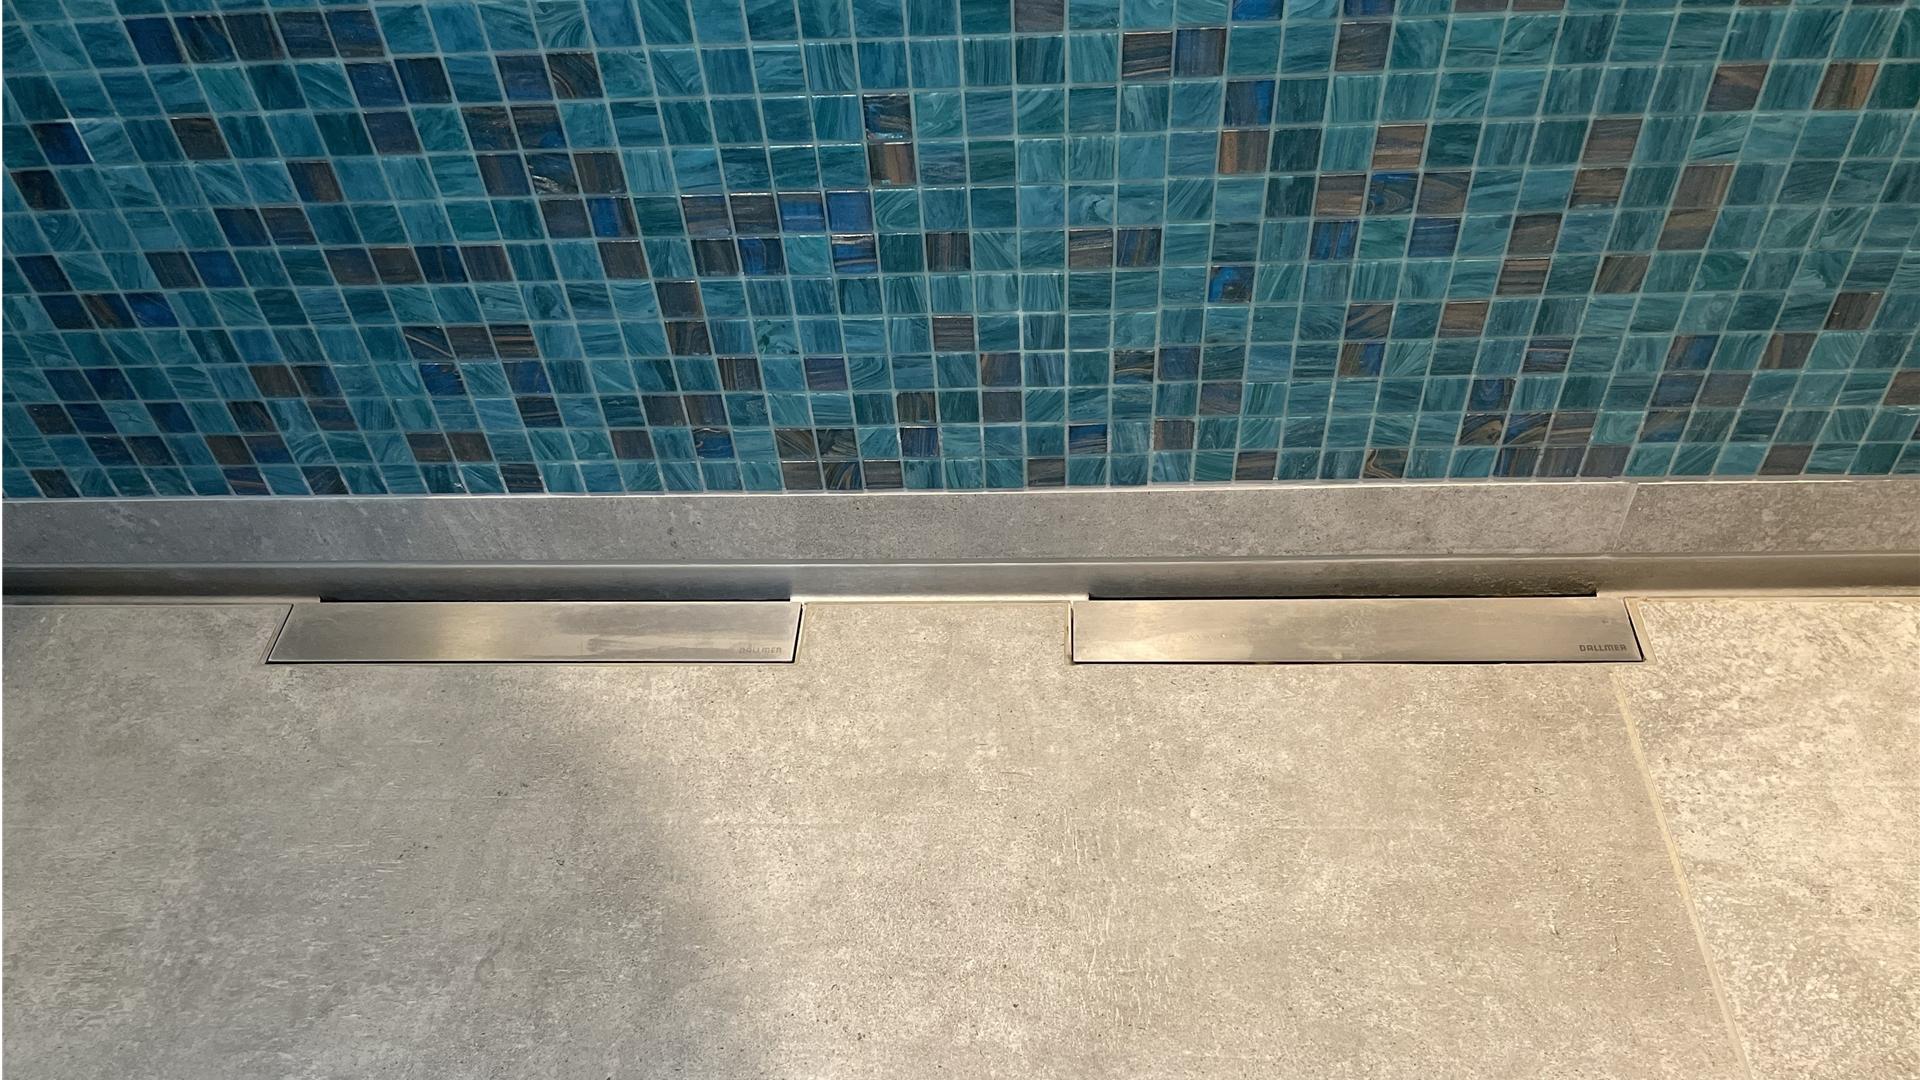 Dusch-Abflussrinne in einem Bad in Dorsten